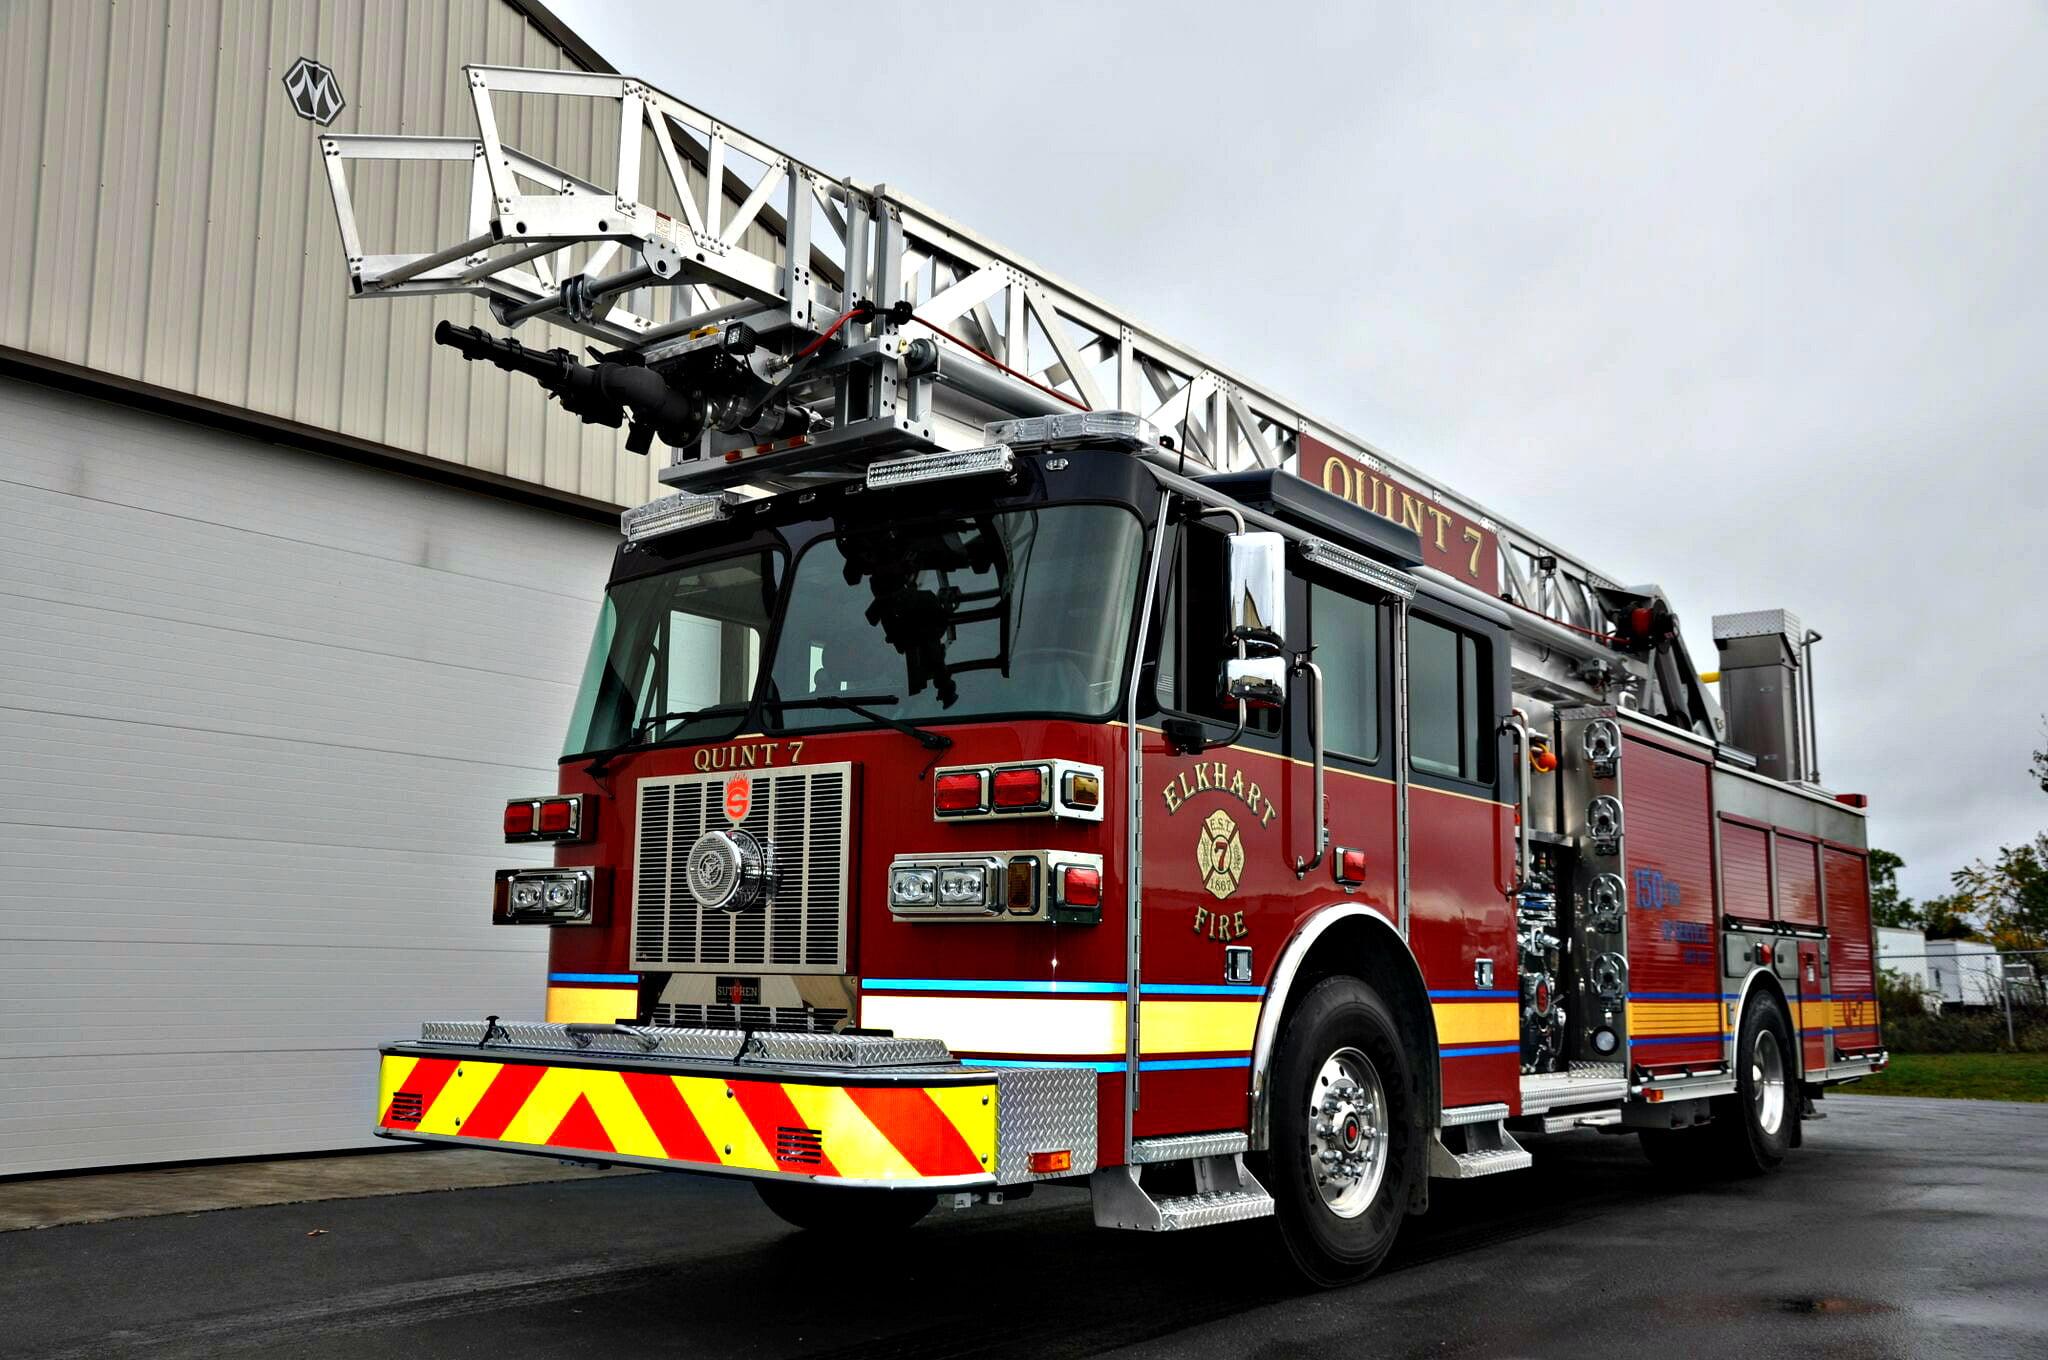 SLR 75 Aerial Ladder, Elkhart, IN